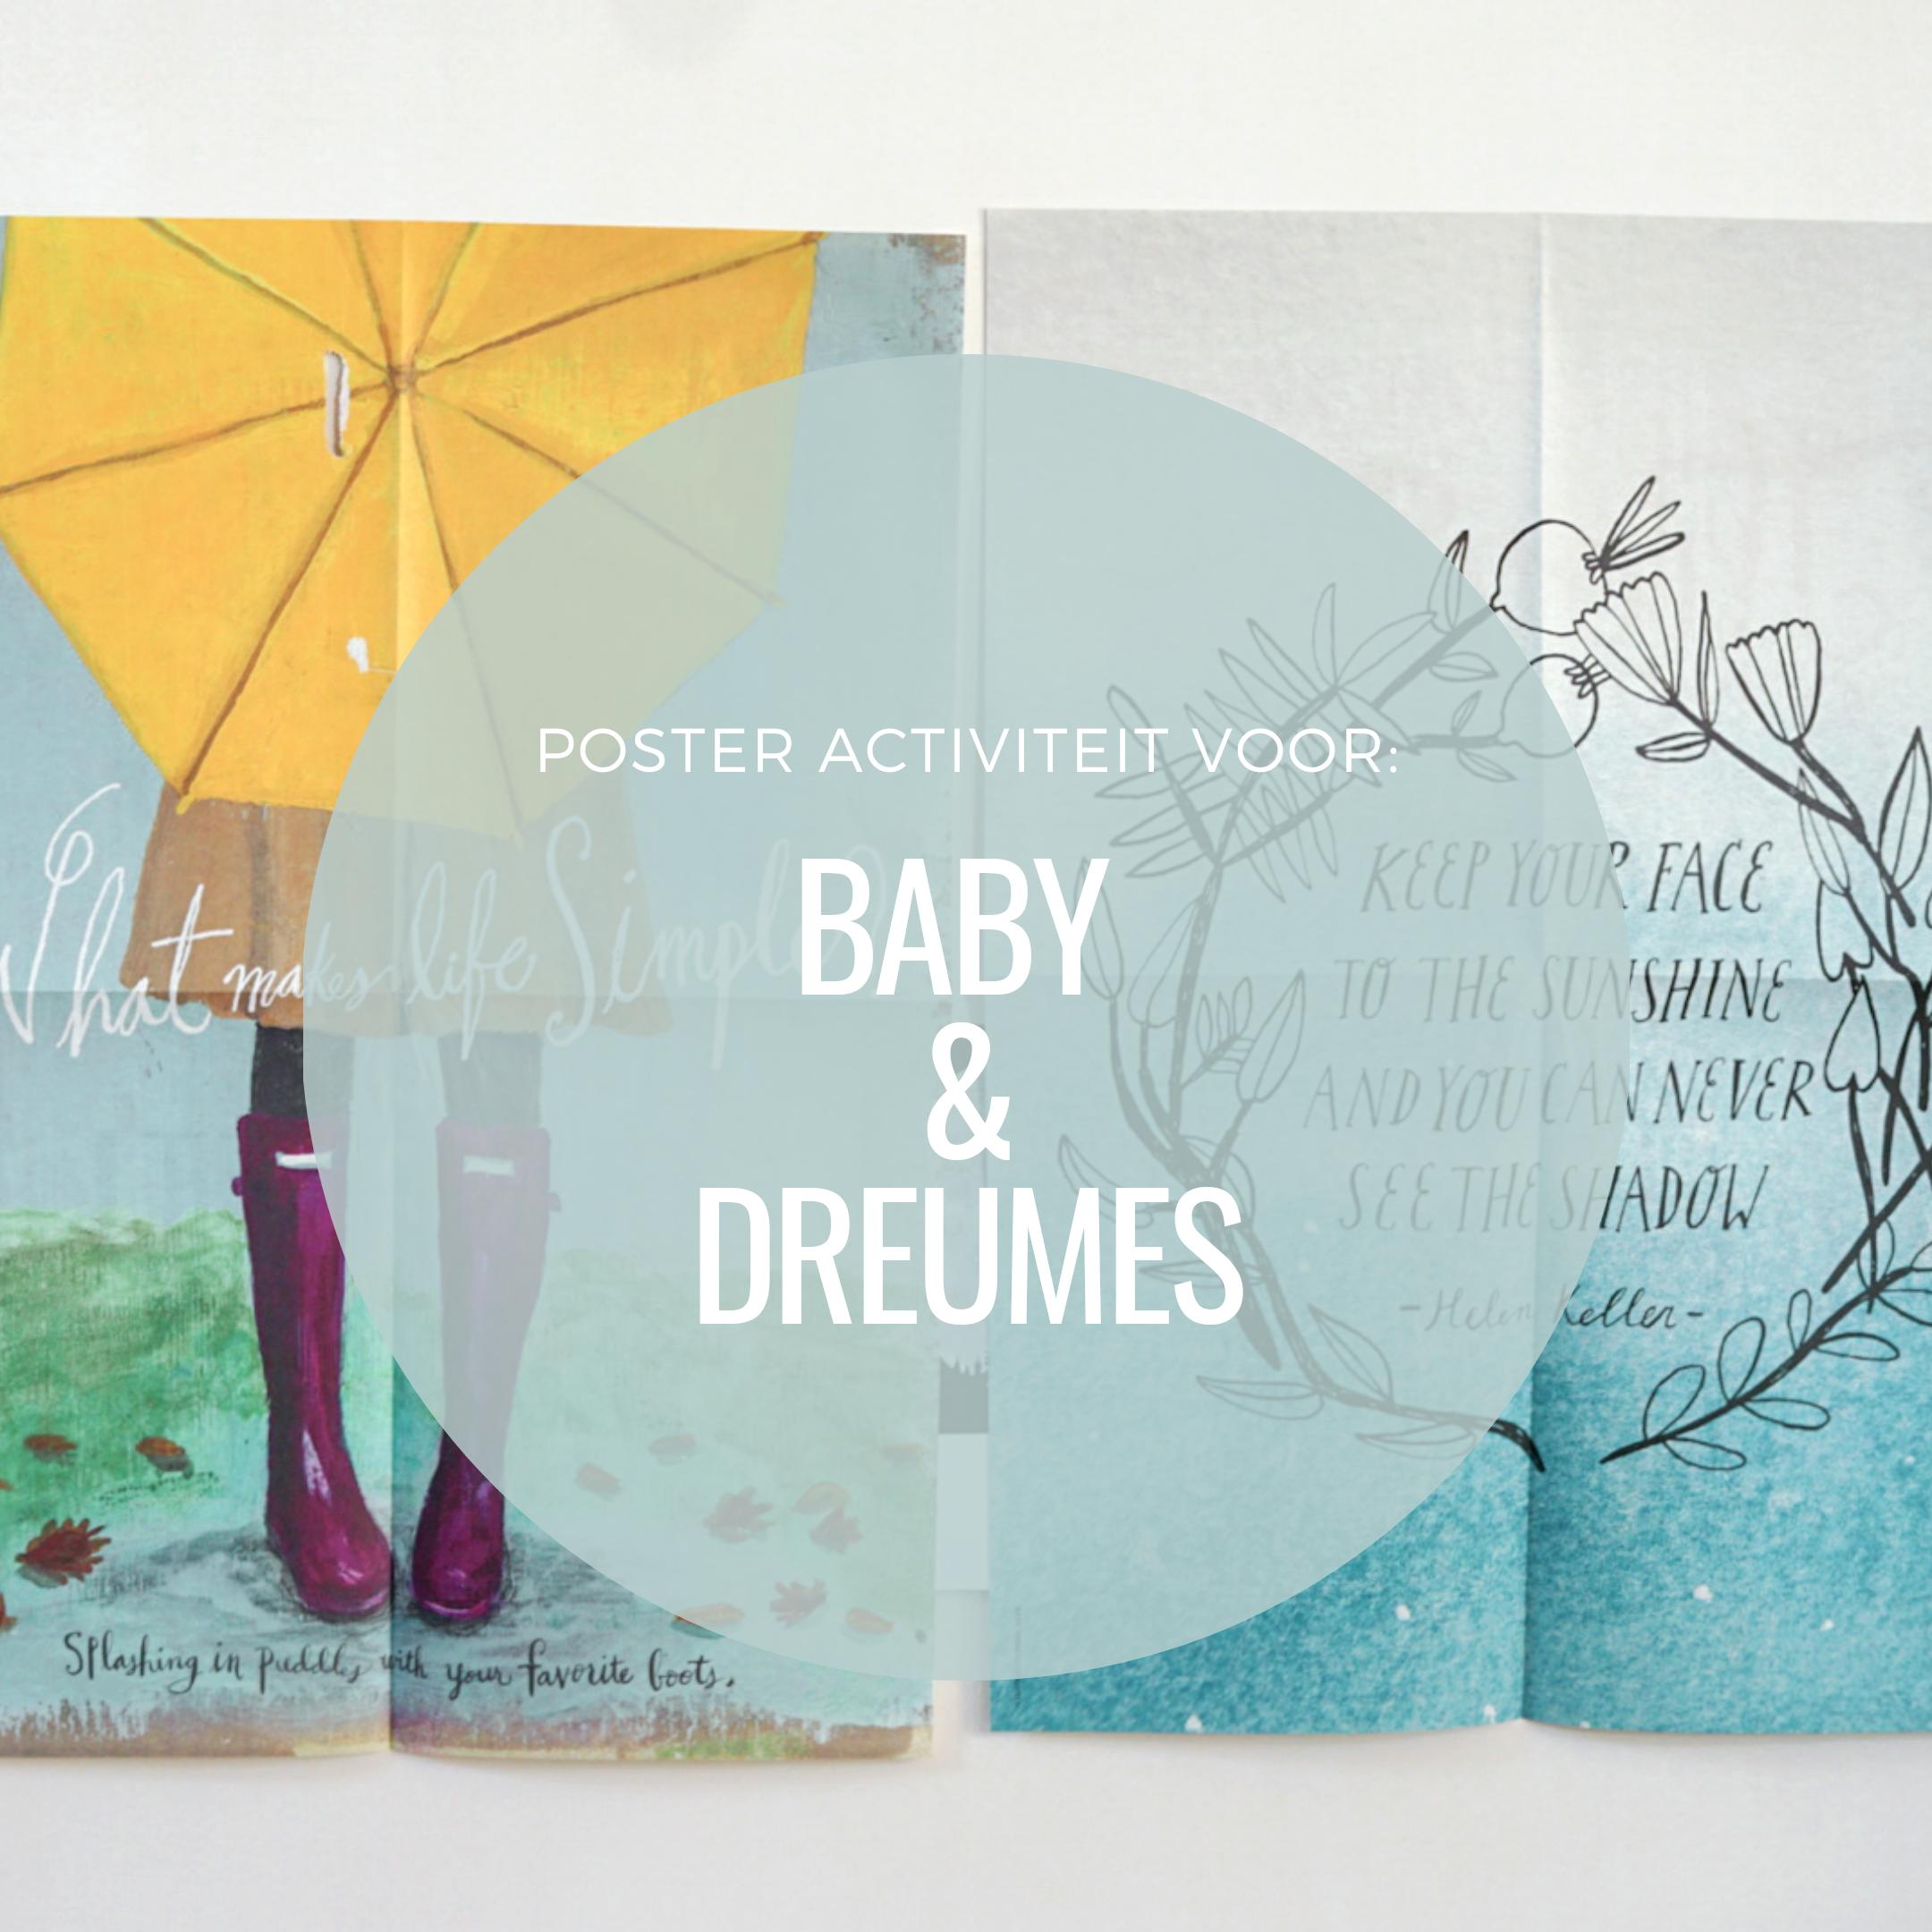 Speeltip voor baby & dreumes: Poster activiteit